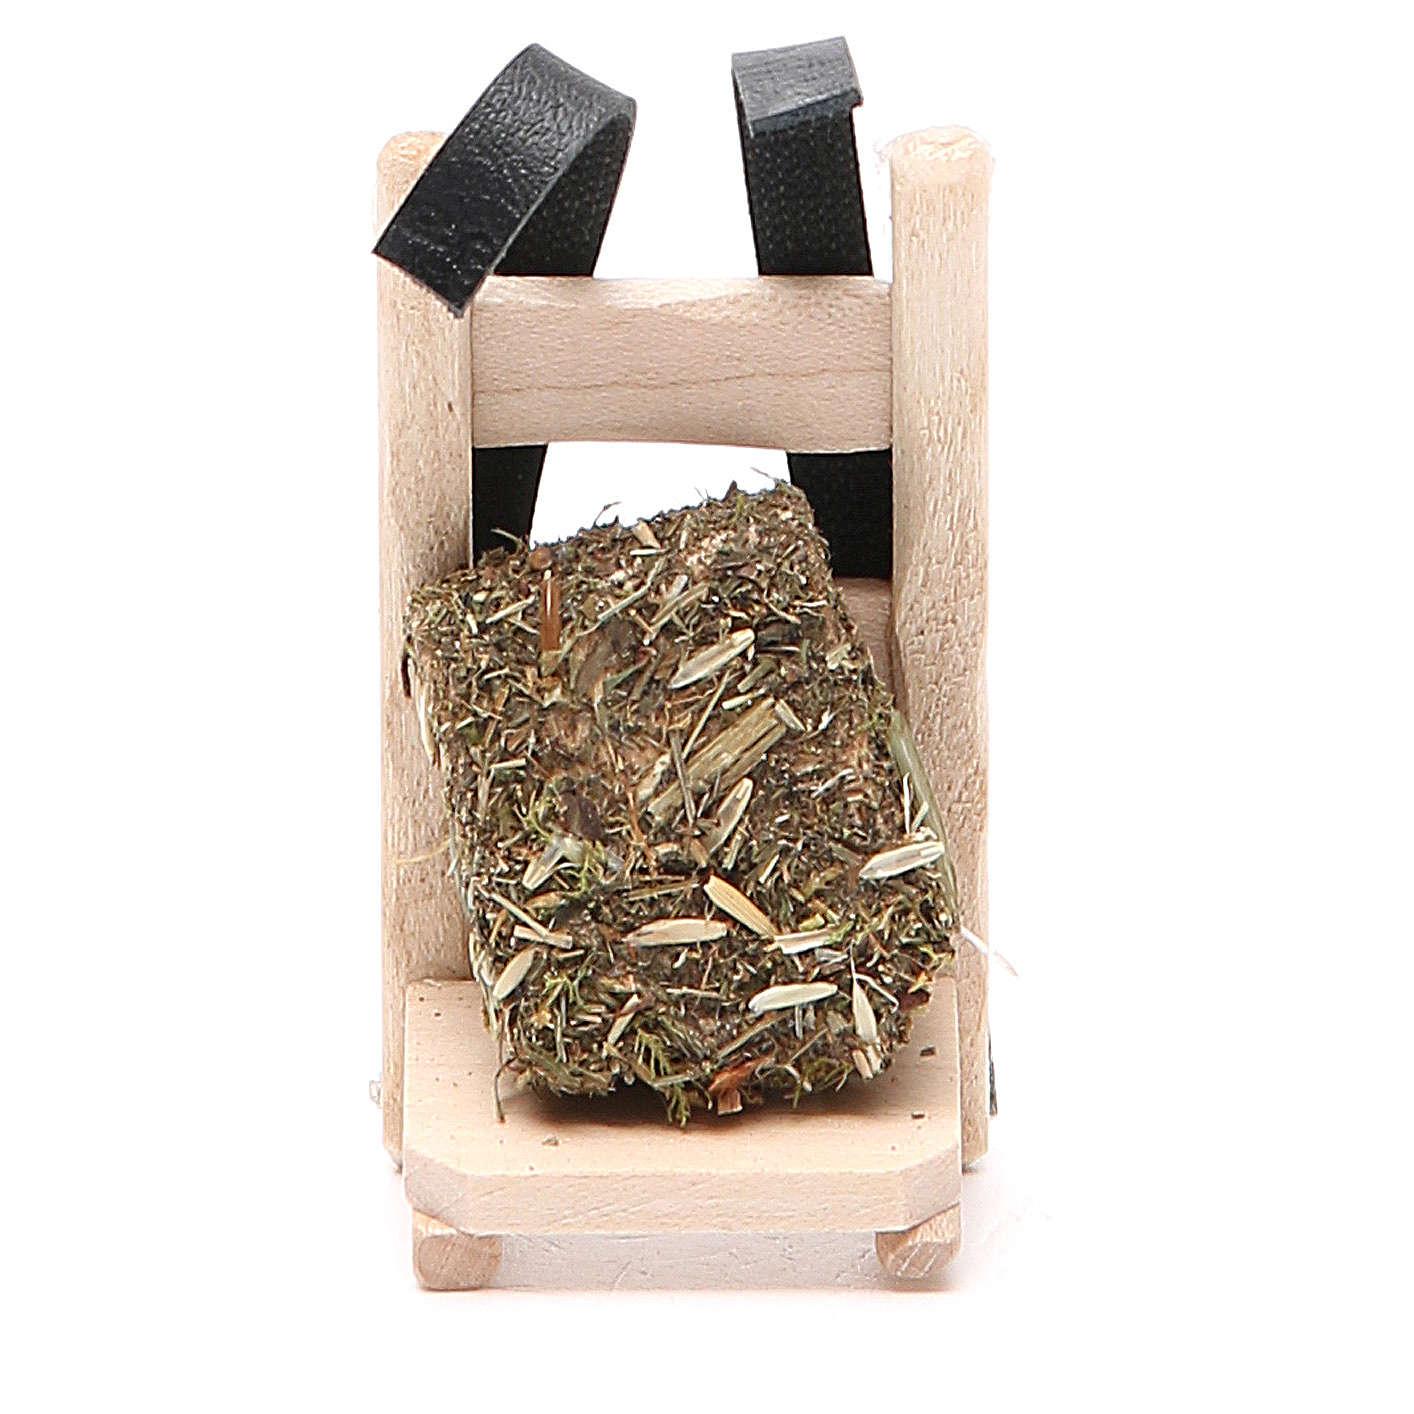 Porte-paille en bois pour crèche 8x5x8 cm 4